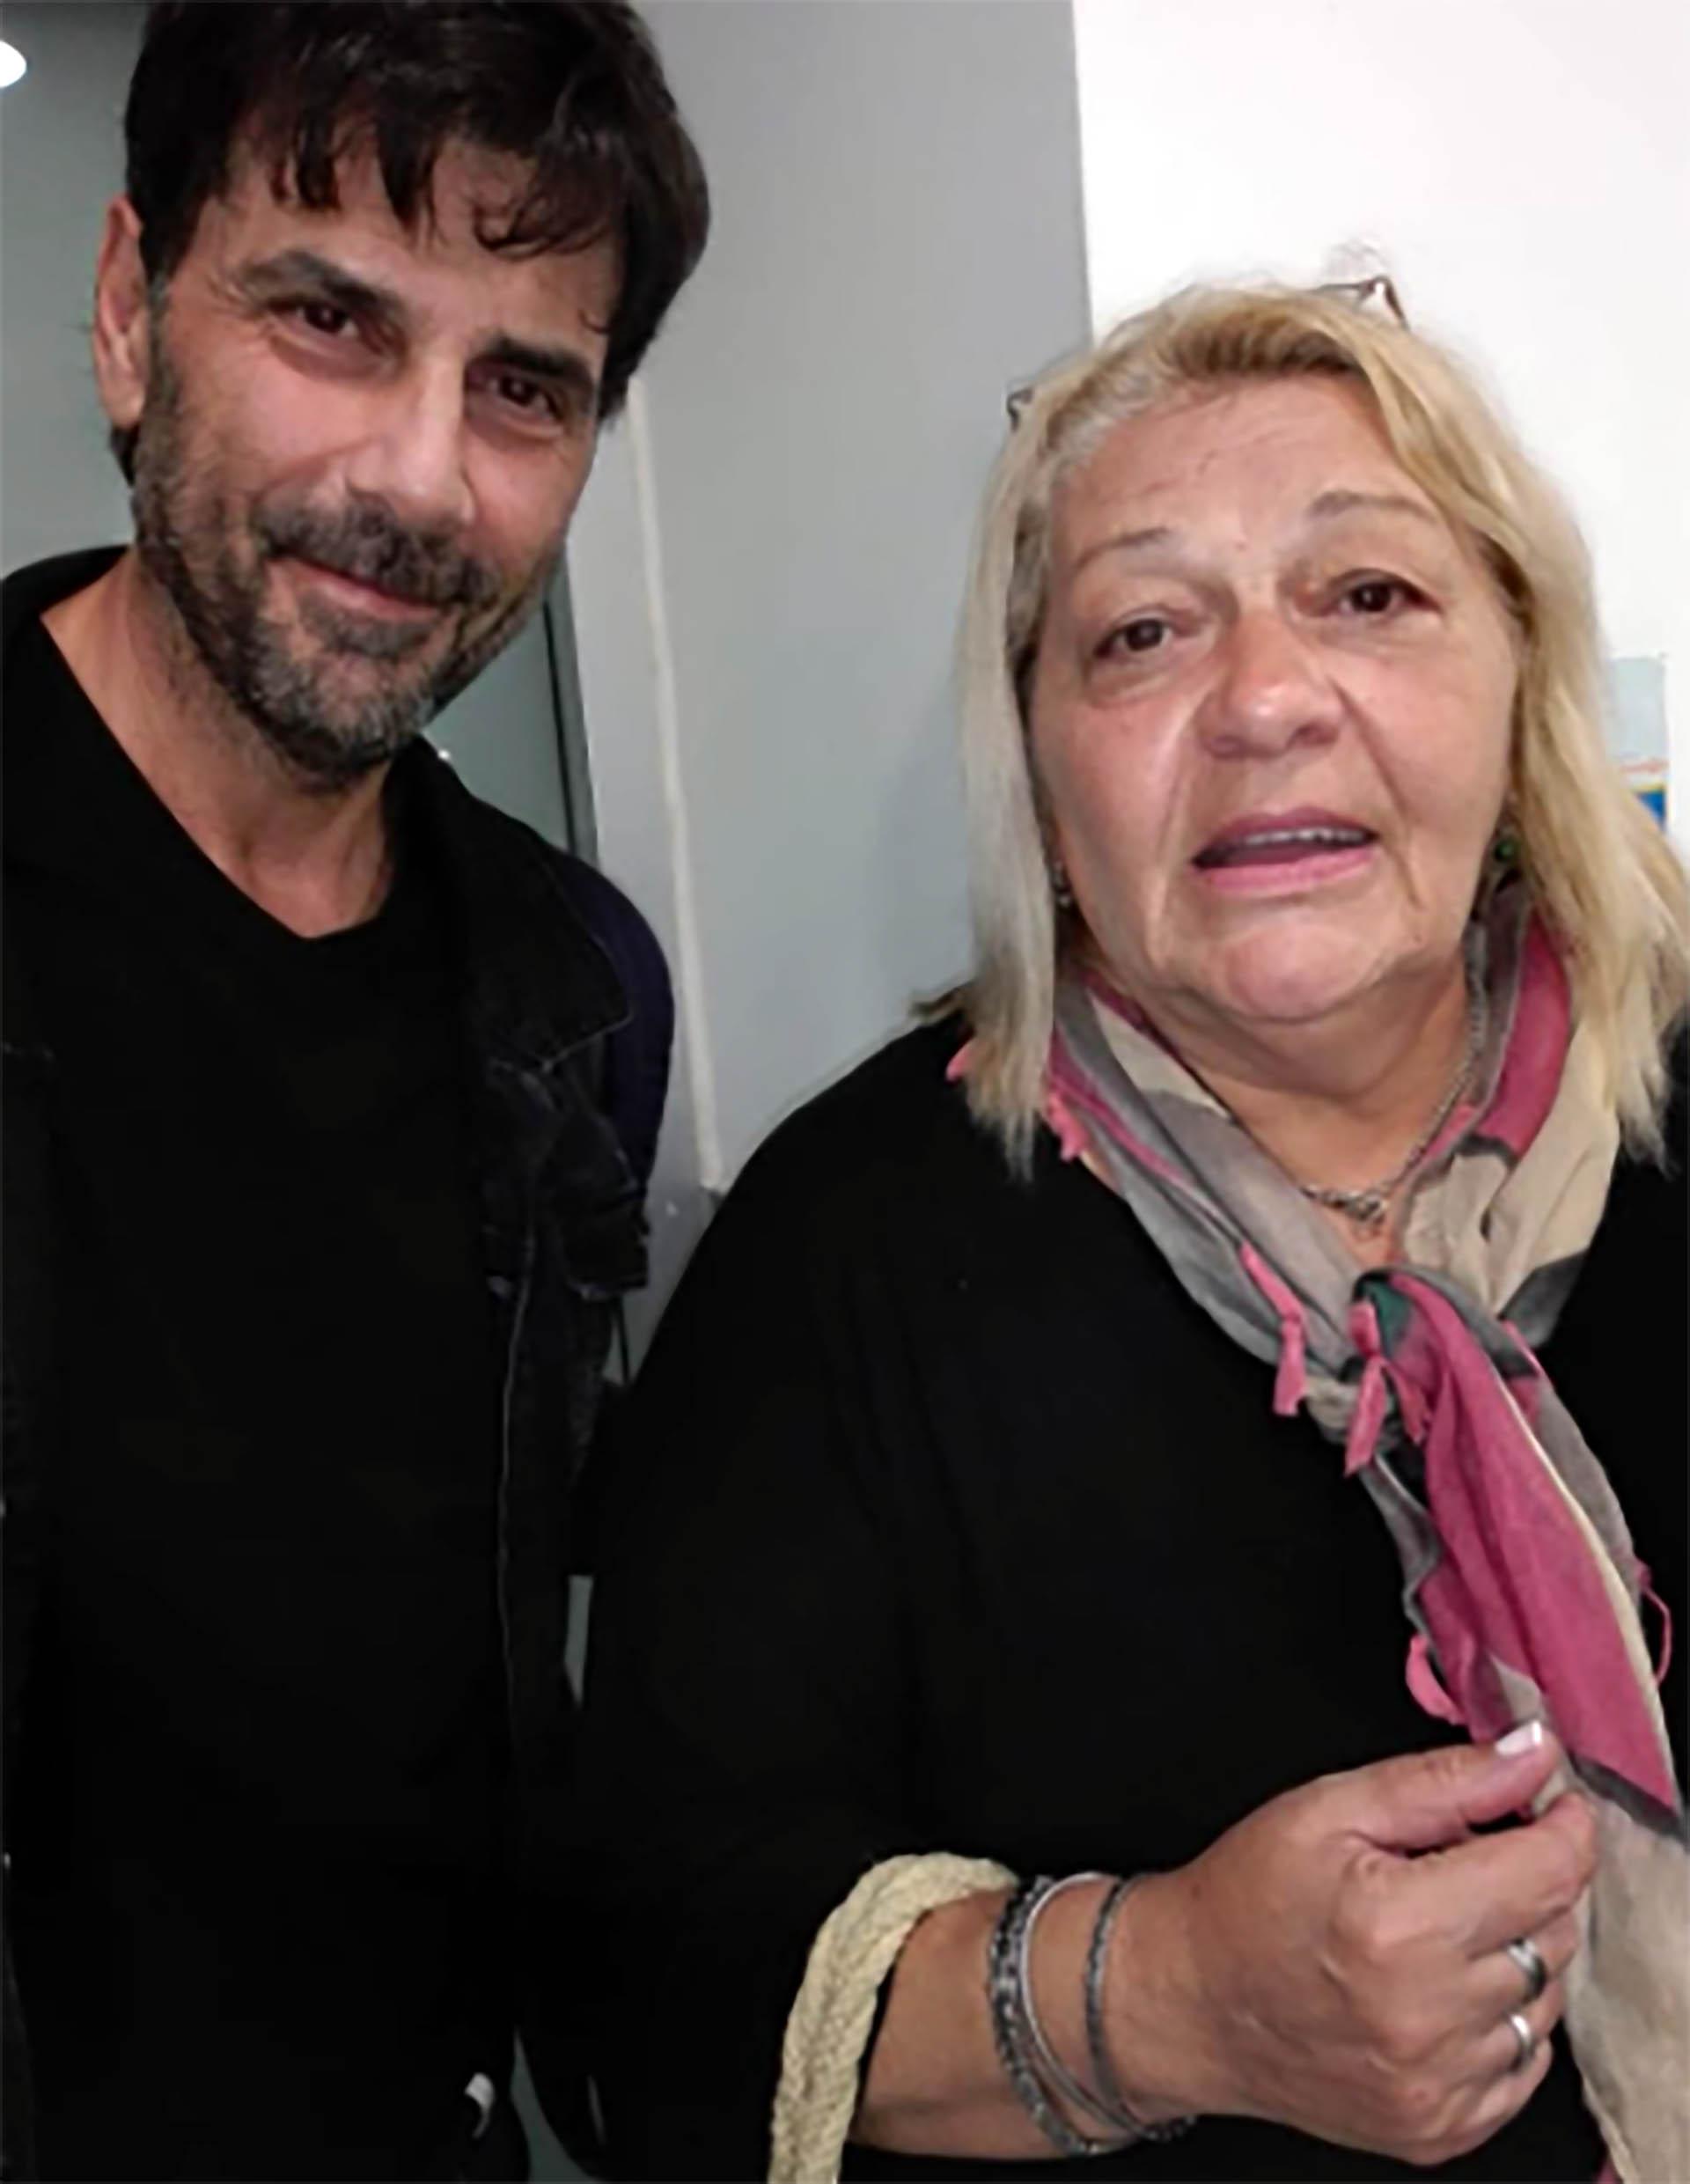 El actor se sacó una foto con una seguidora